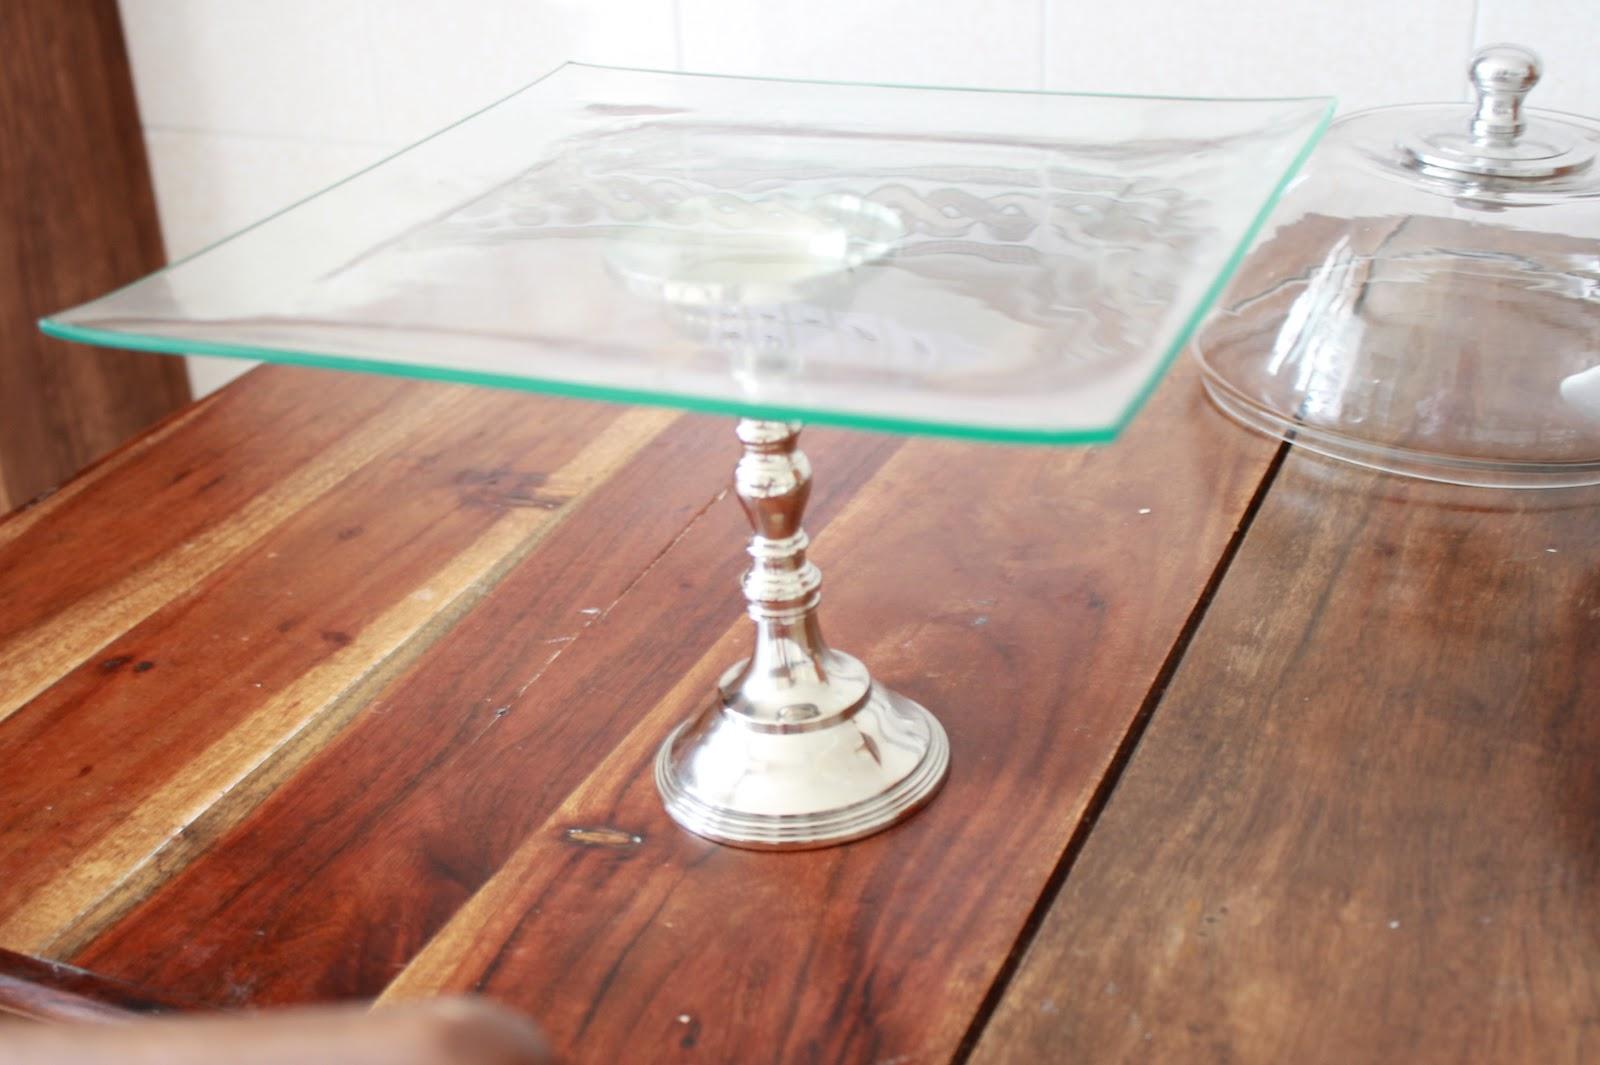 Make my cake el laboratorio diy cake stand 1 - Campana cristal ikea ...